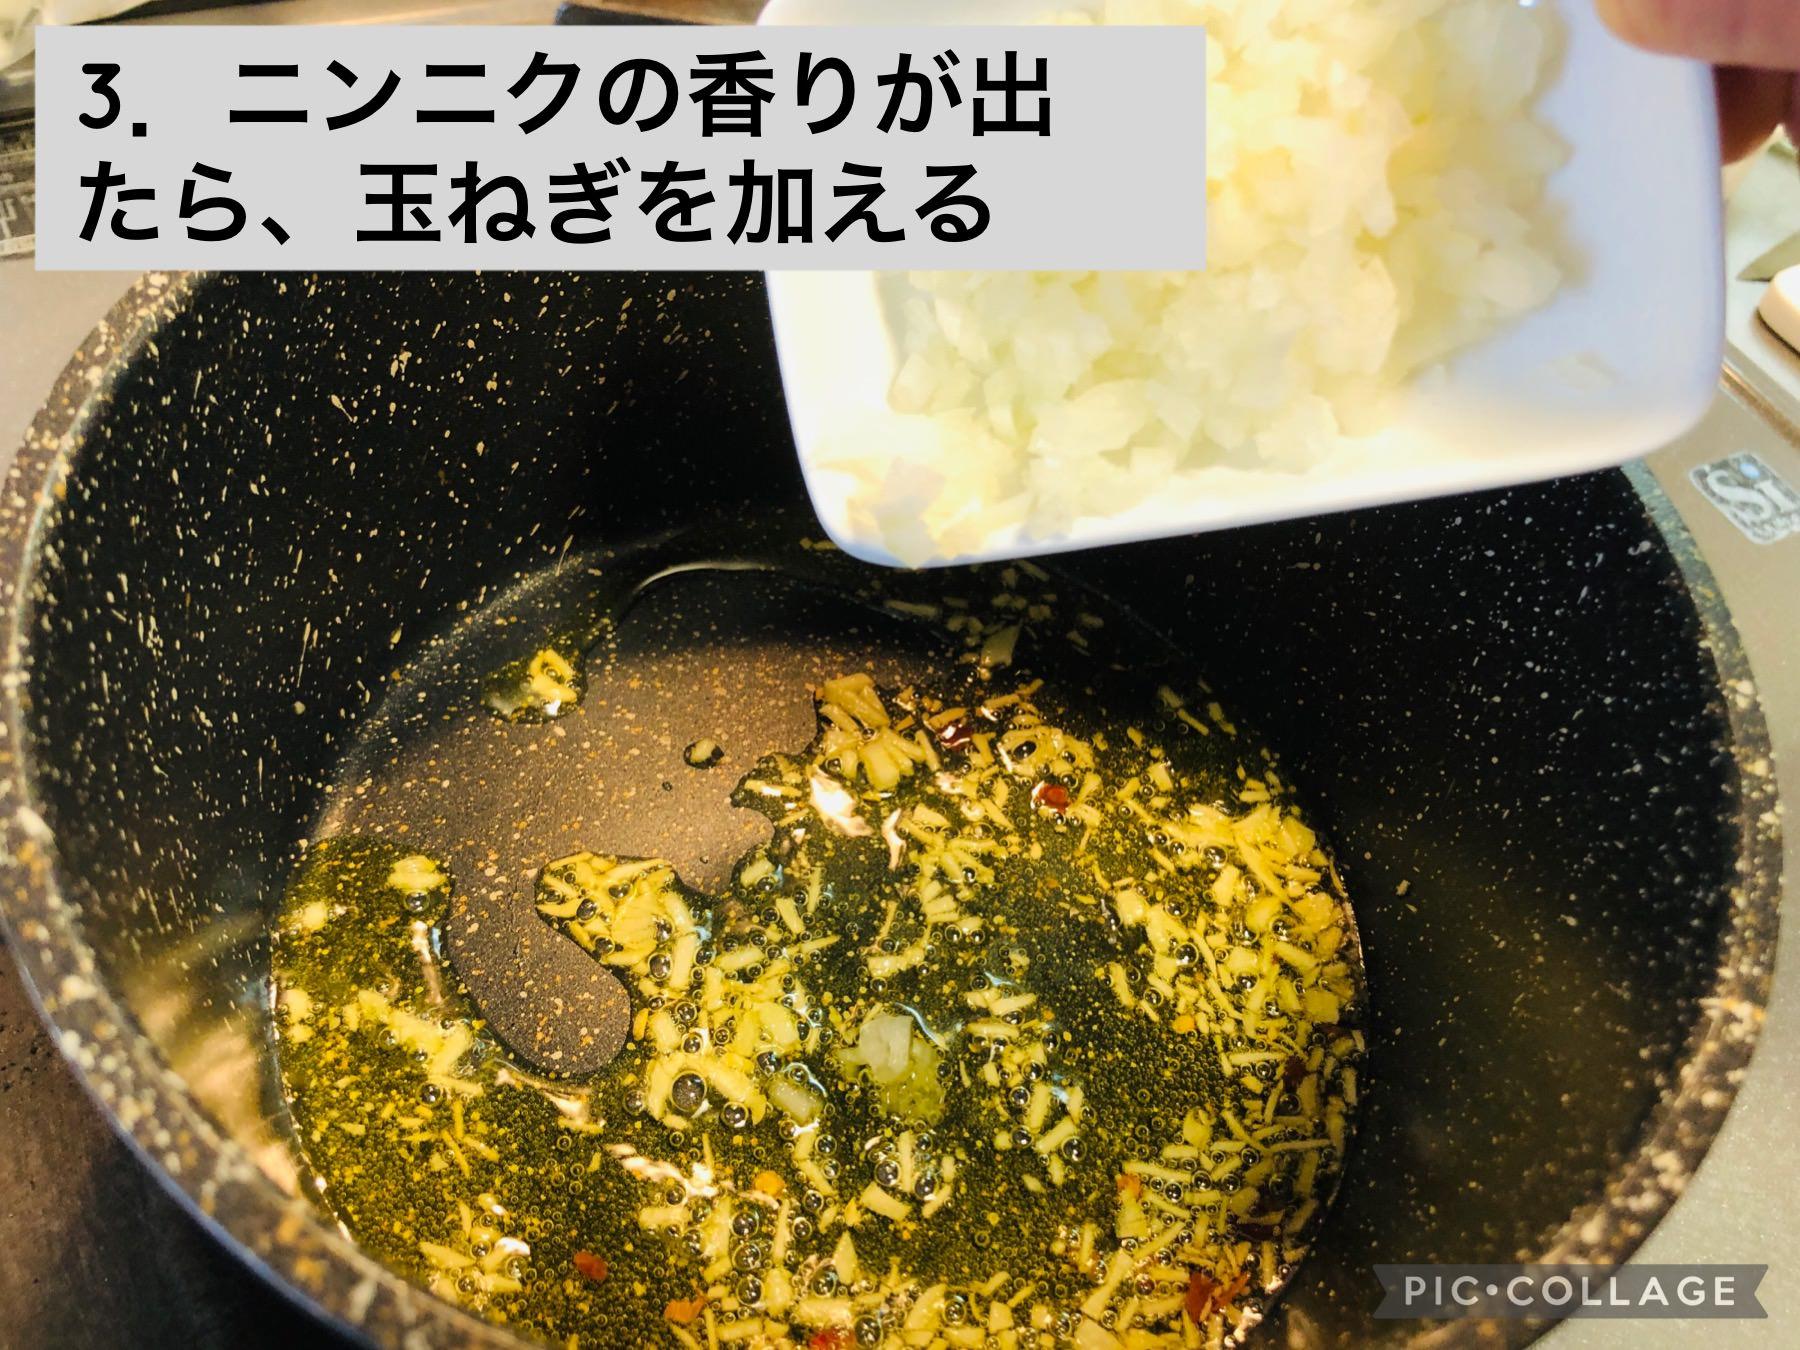 ニンニクの香りが出てきたら、玉ねぎを加えている様子の画像です